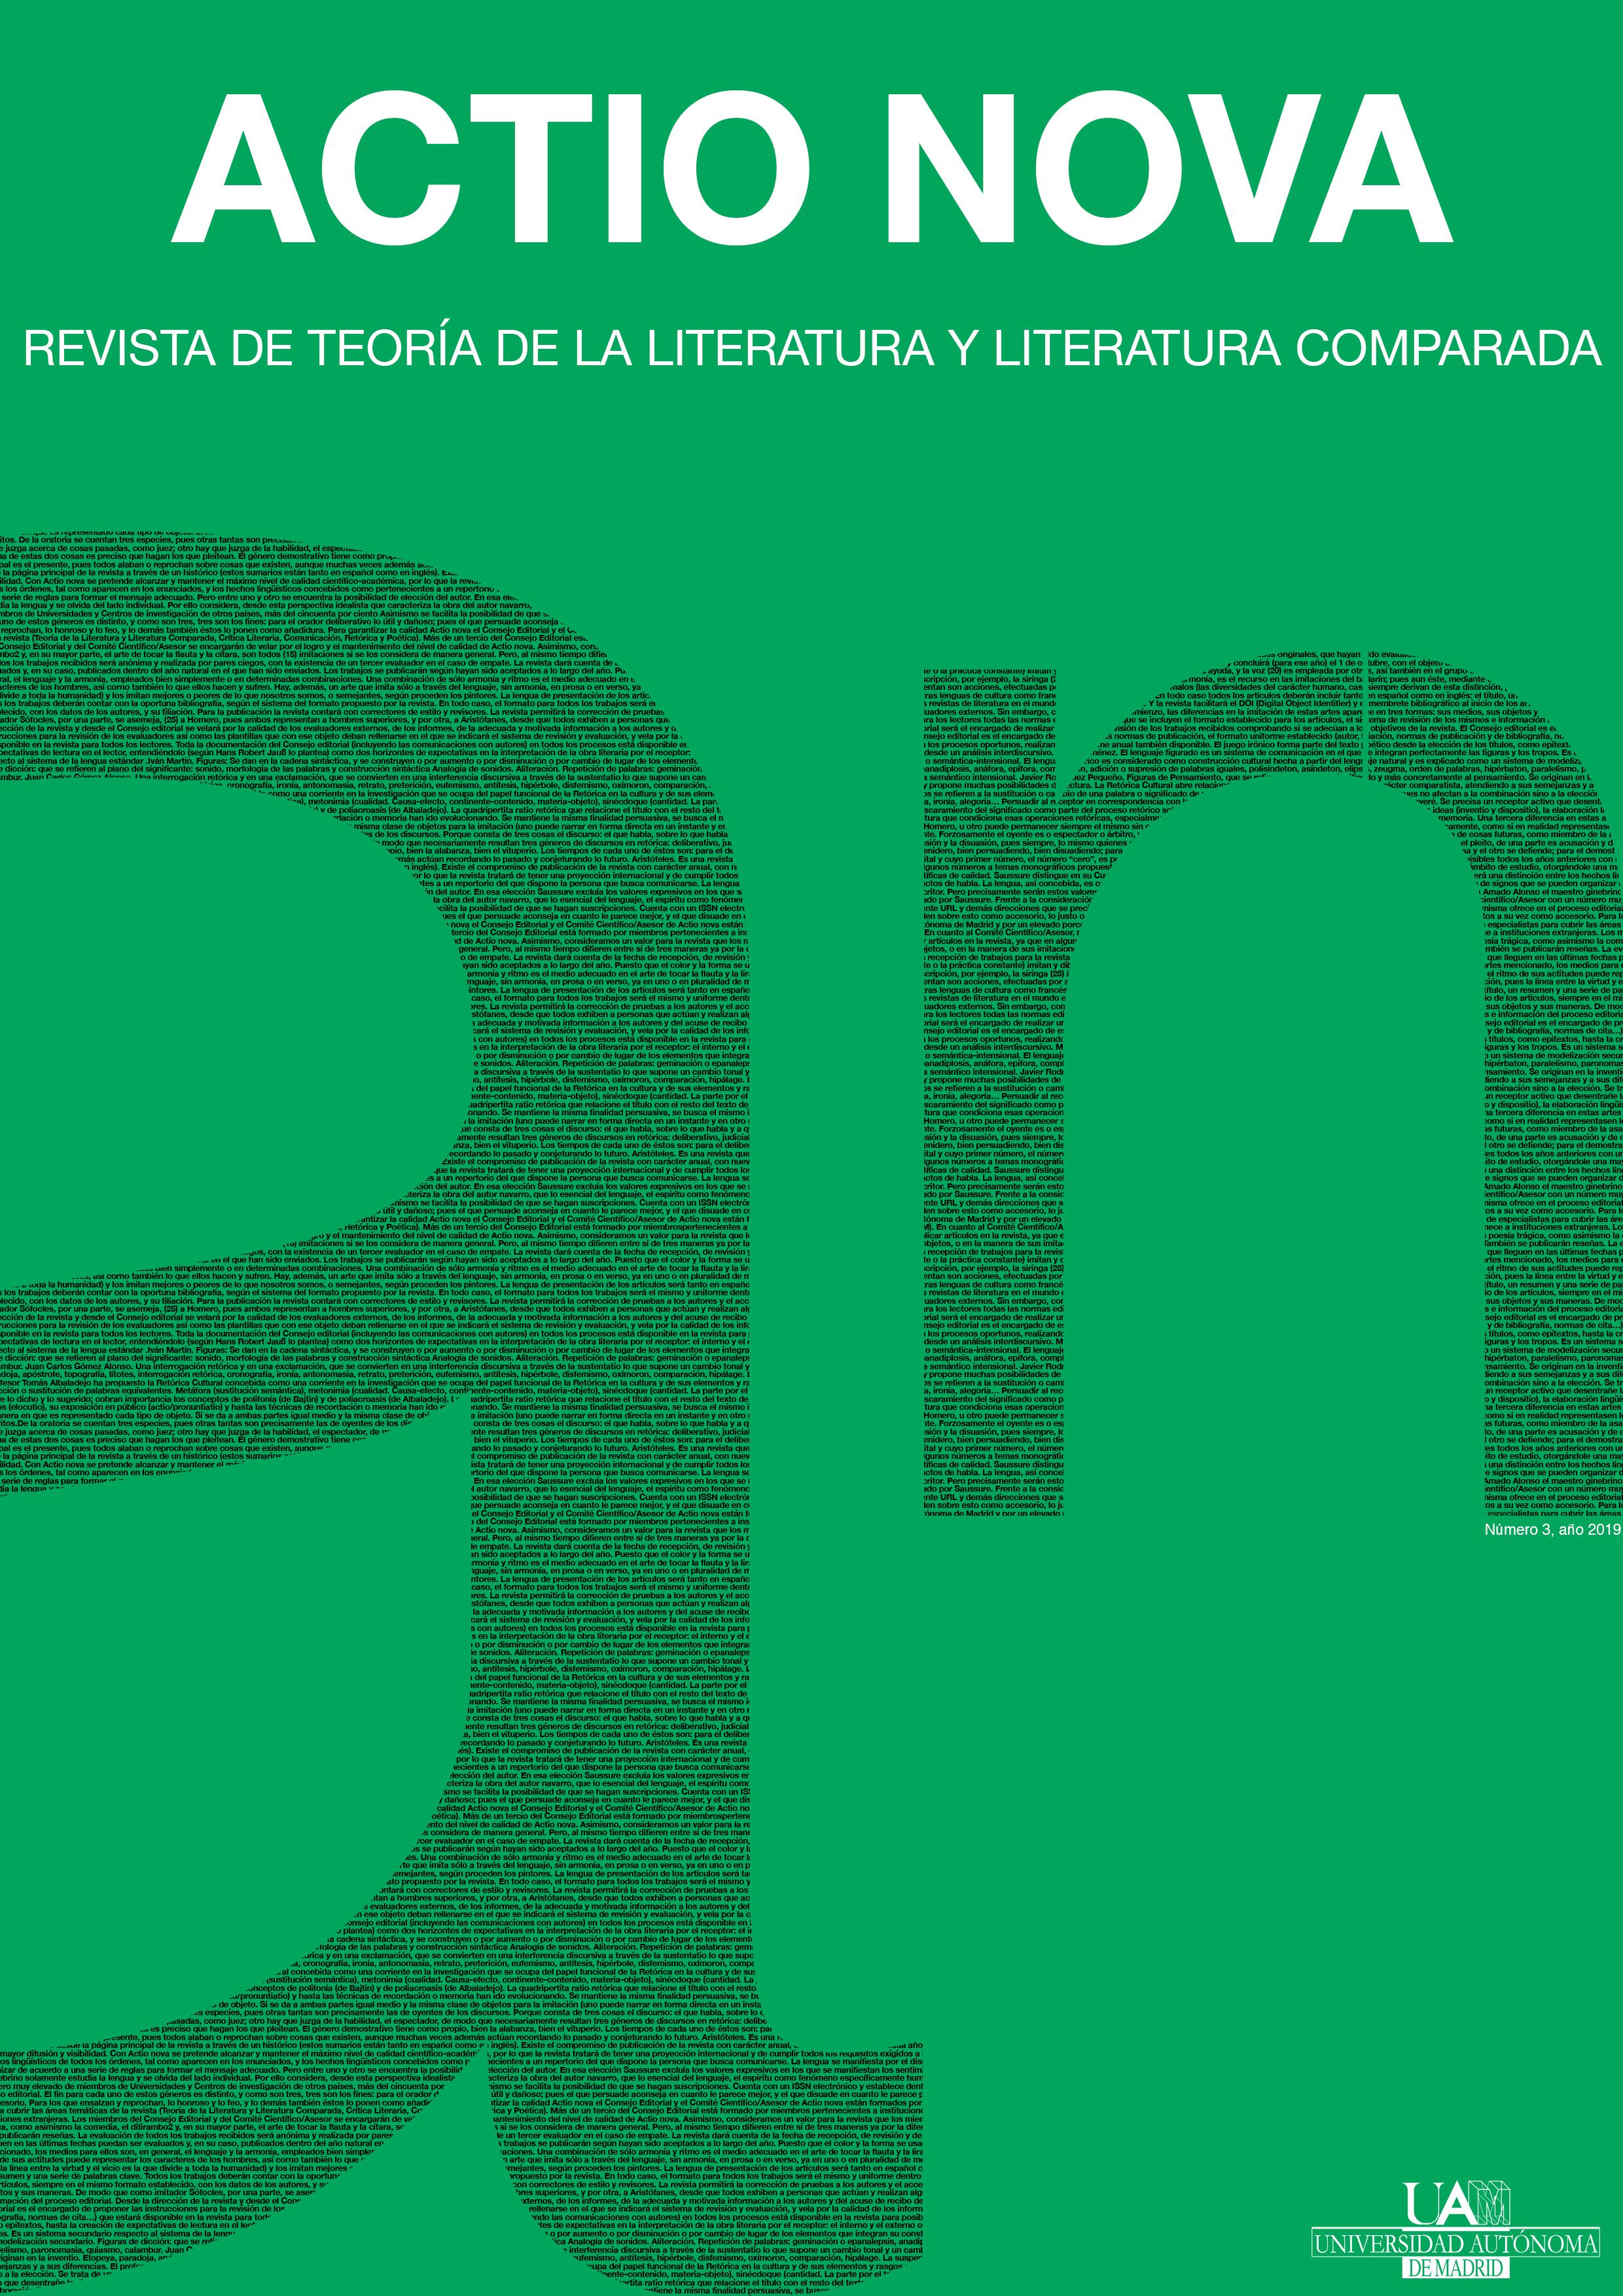 Editora invitada: Claudia Sofía Benito Temprano